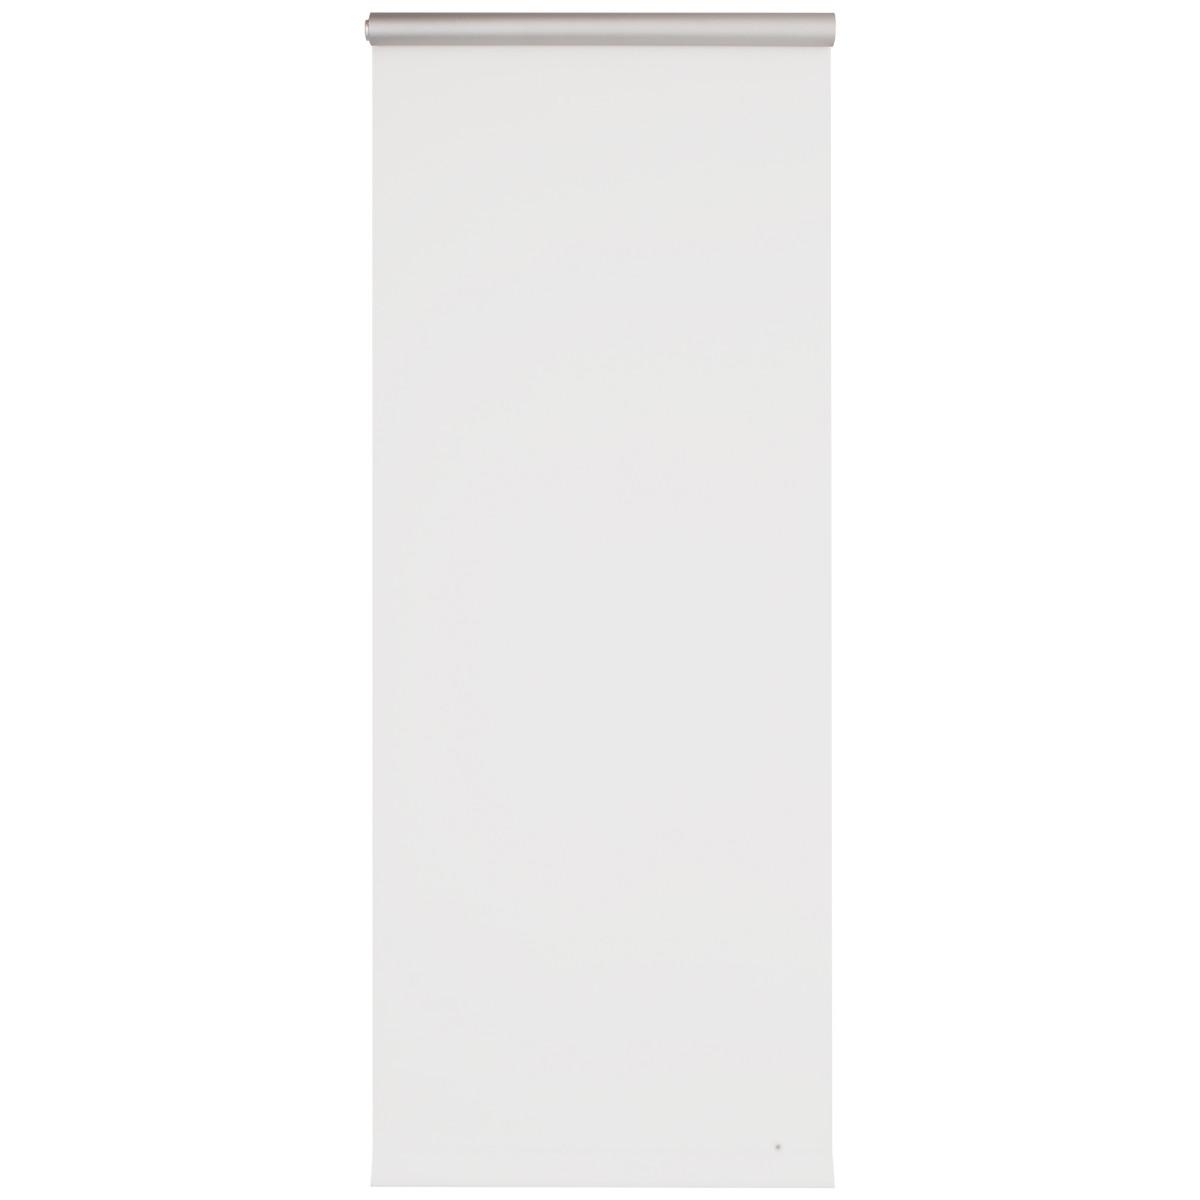 Мини-штора рулонная Shantung 40х150 см цвет белый